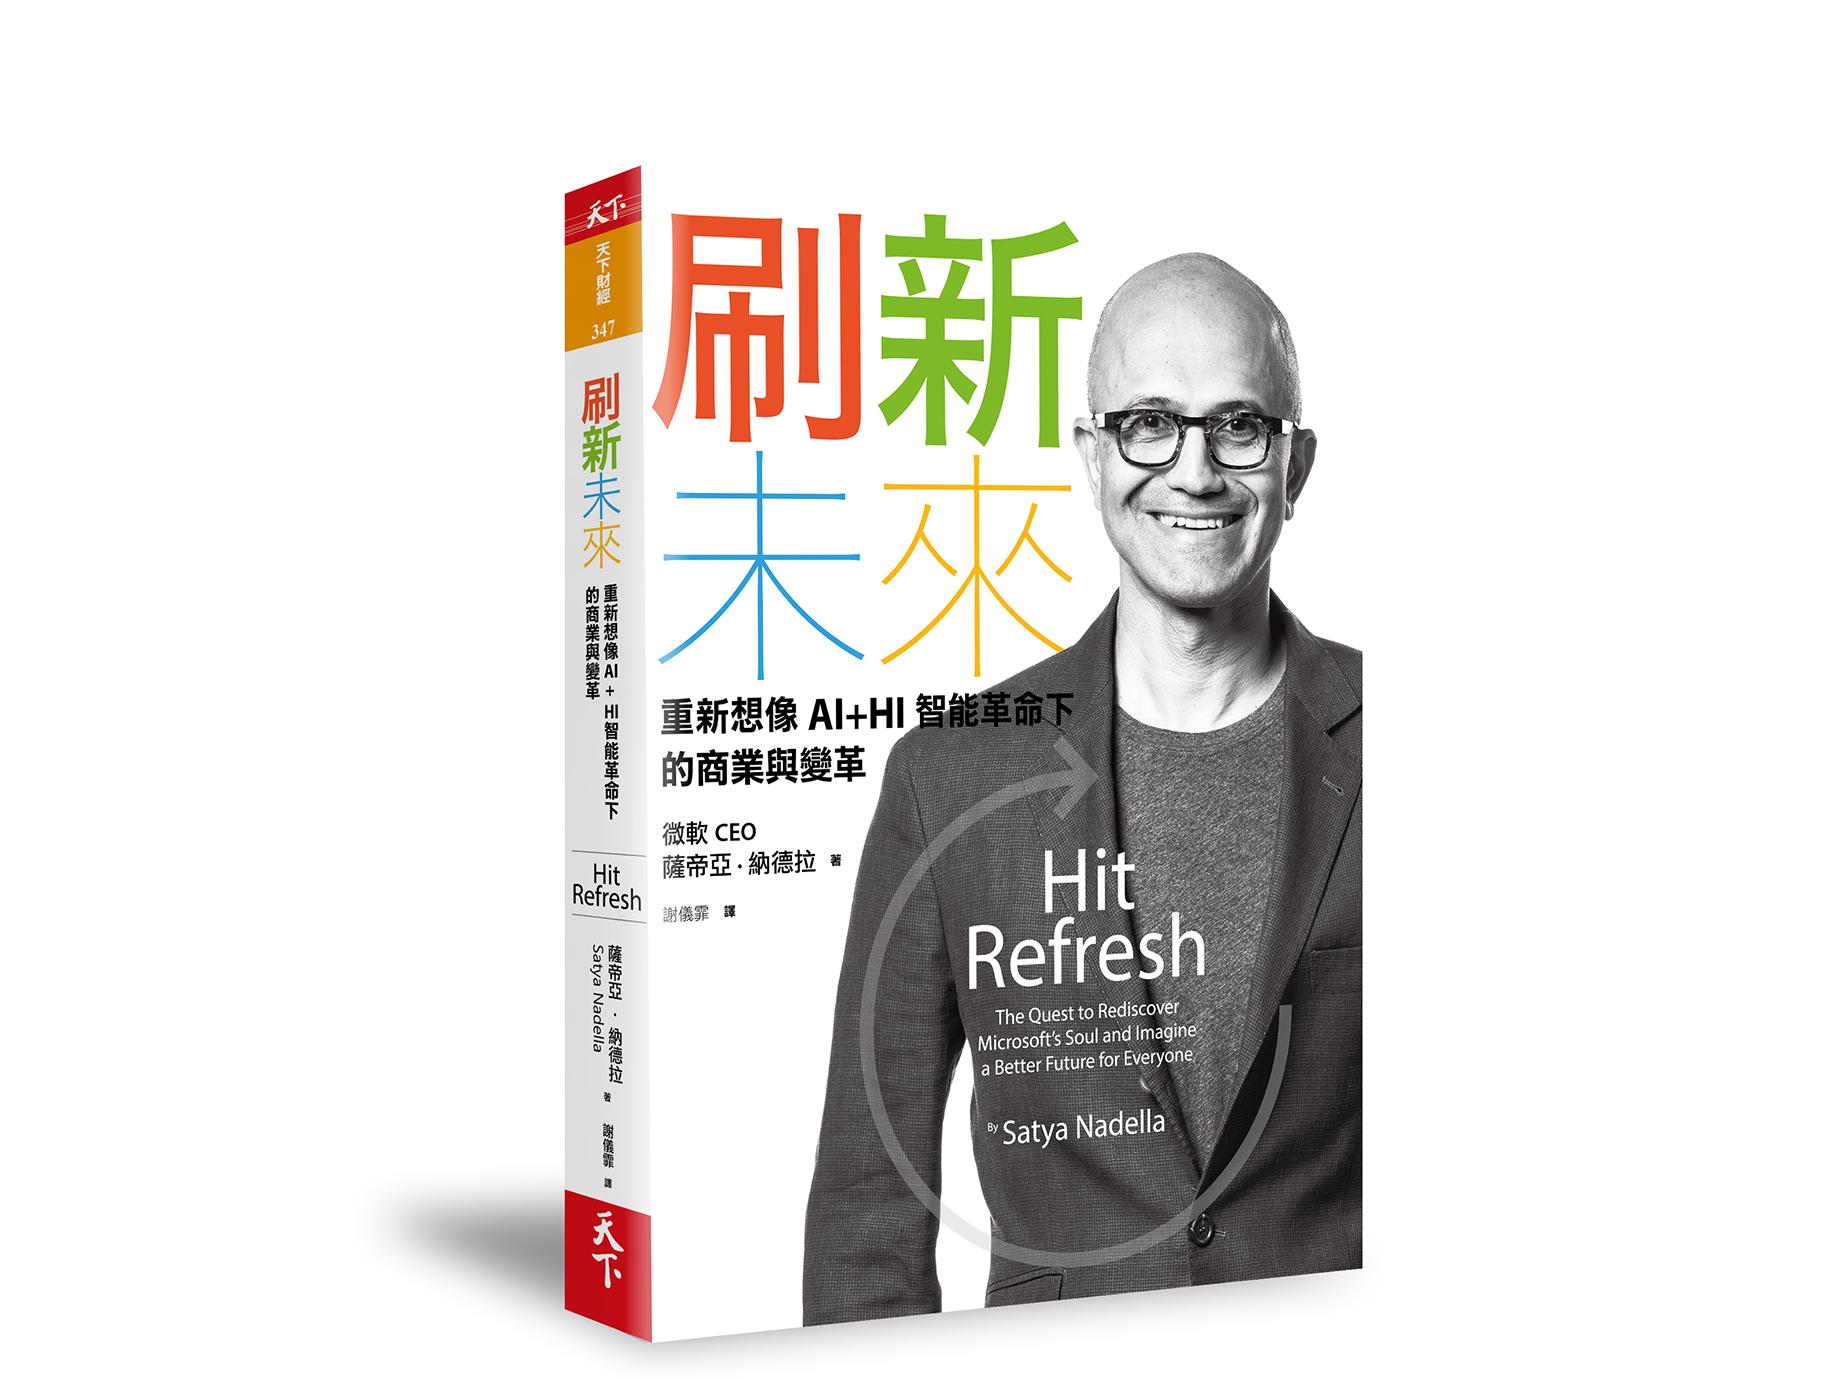 新書搶先看》納德拉(微軟執行長):人工智慧發展的3個階段